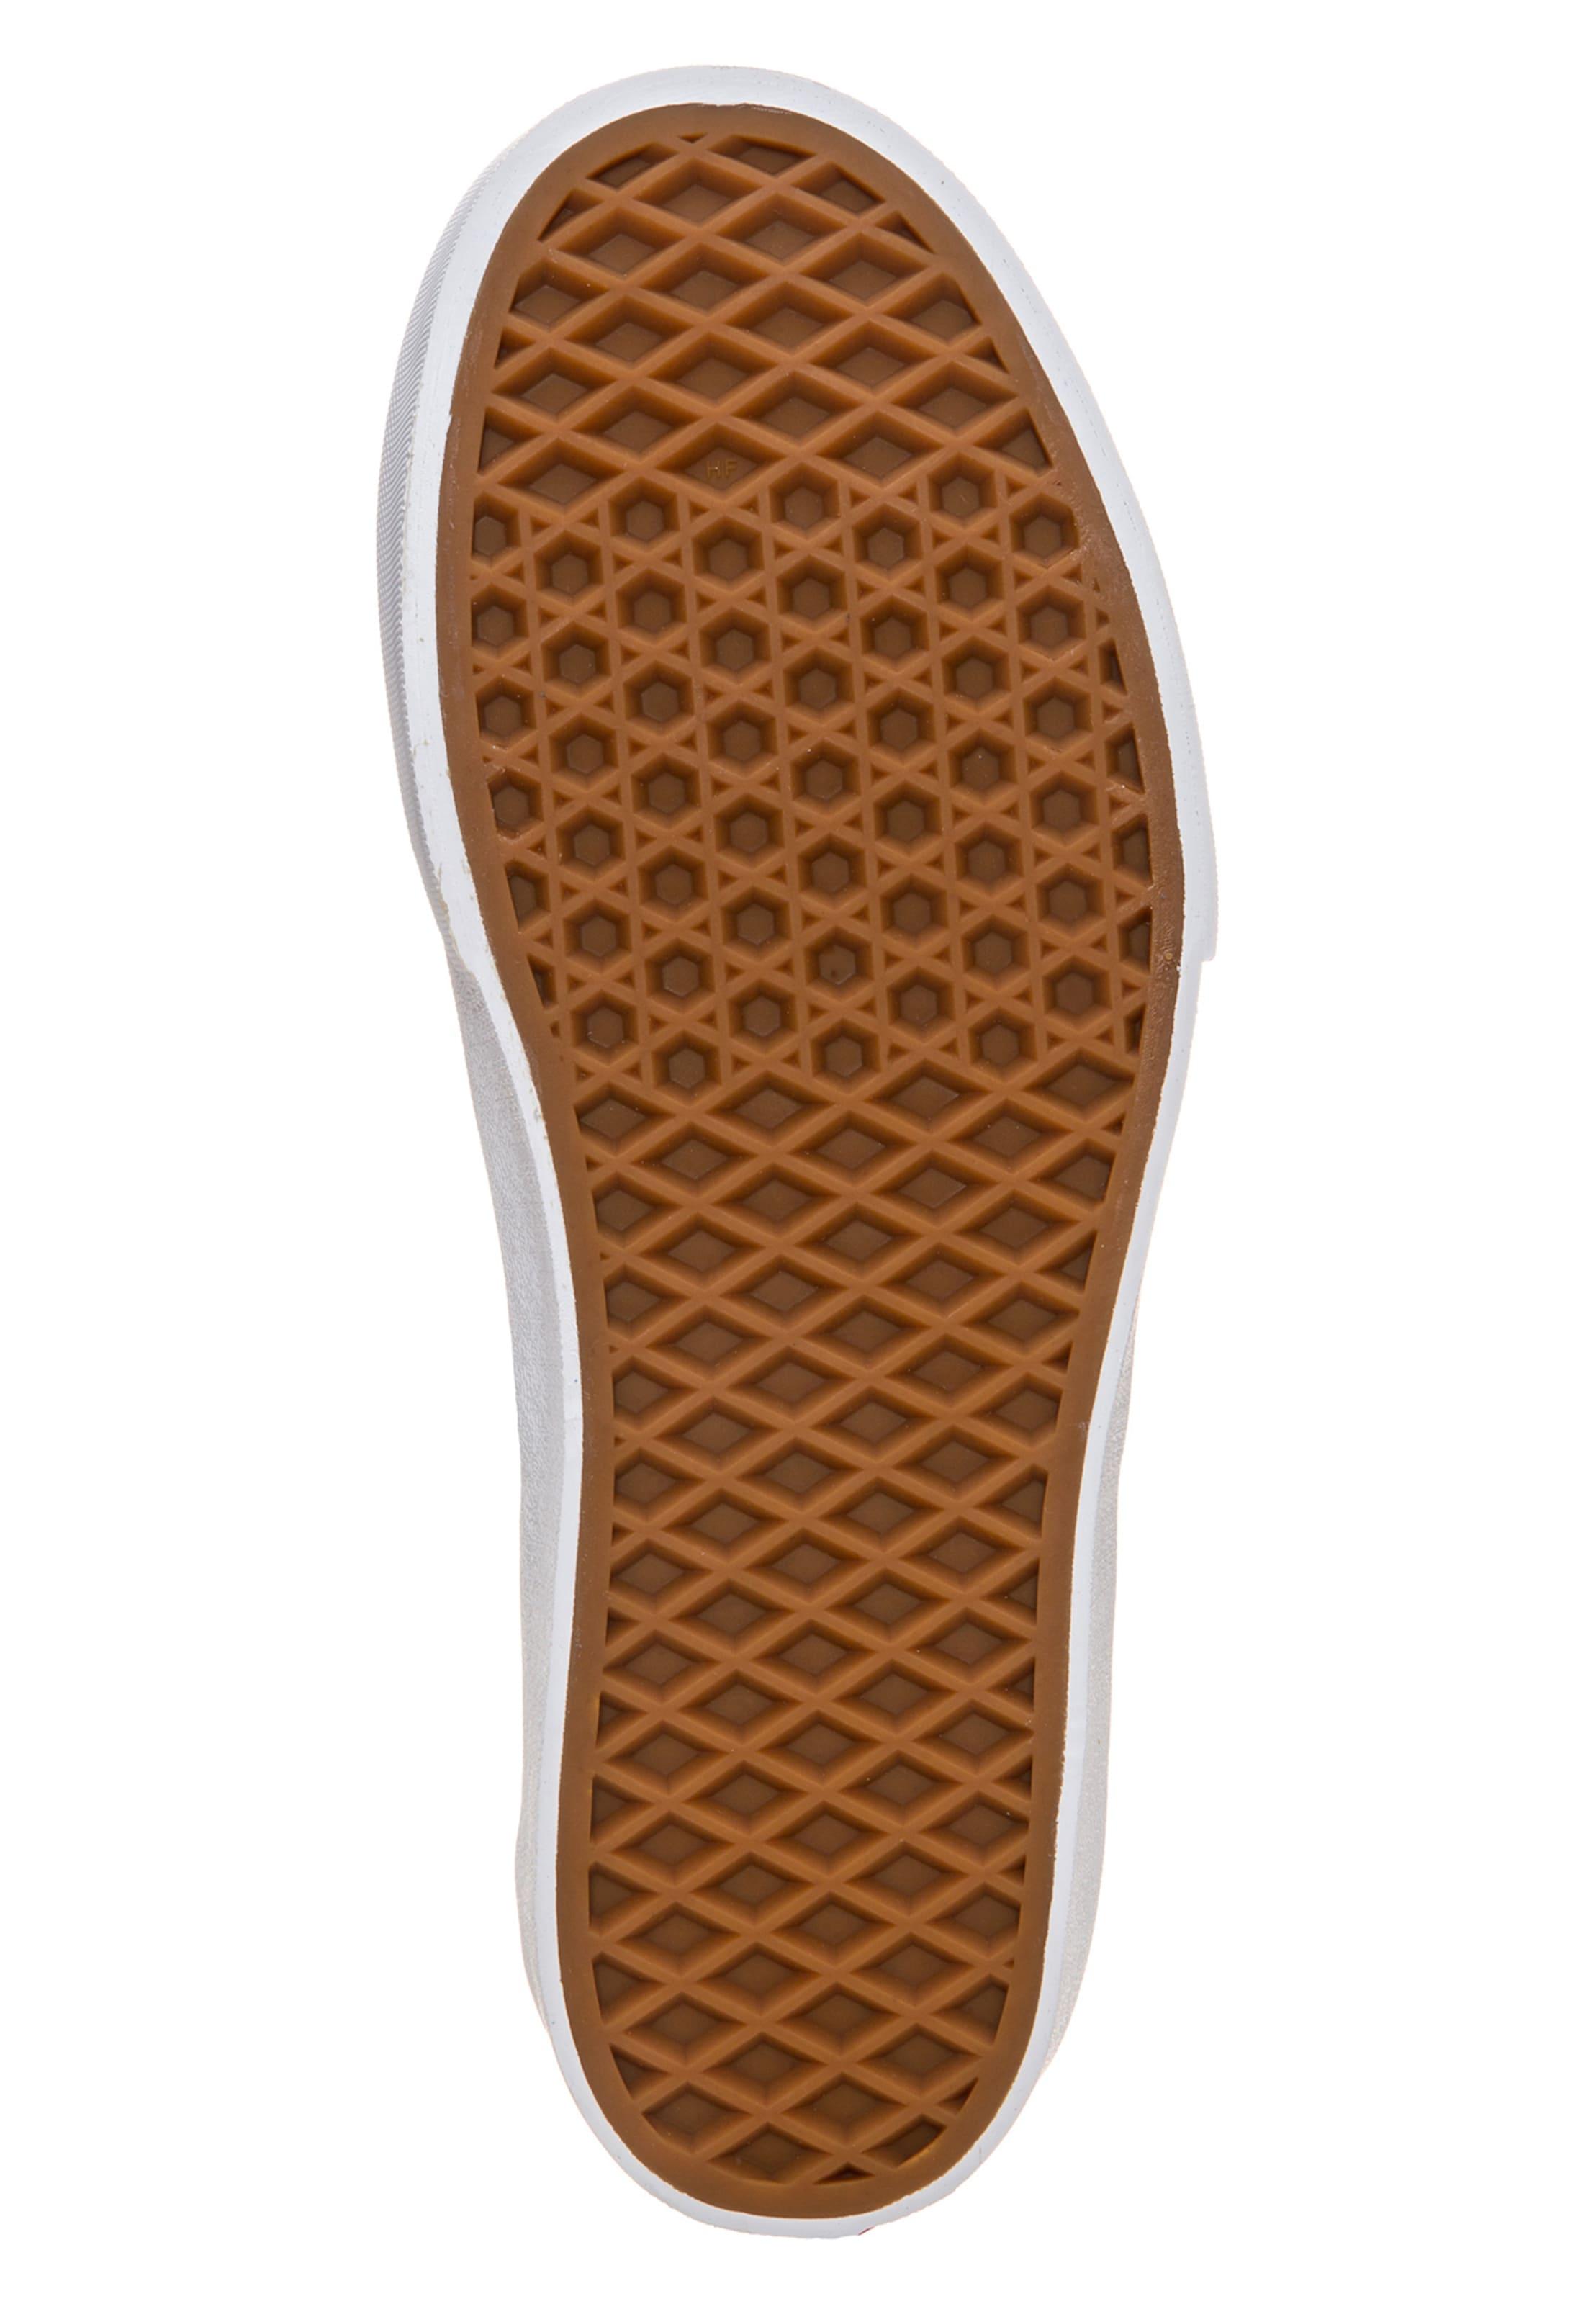 Spielraum Extrem Verkaufsauftrag VANS Authentic Platform 2.0 Sneaker Damen Frei Verschiffen Angebot Bv51G